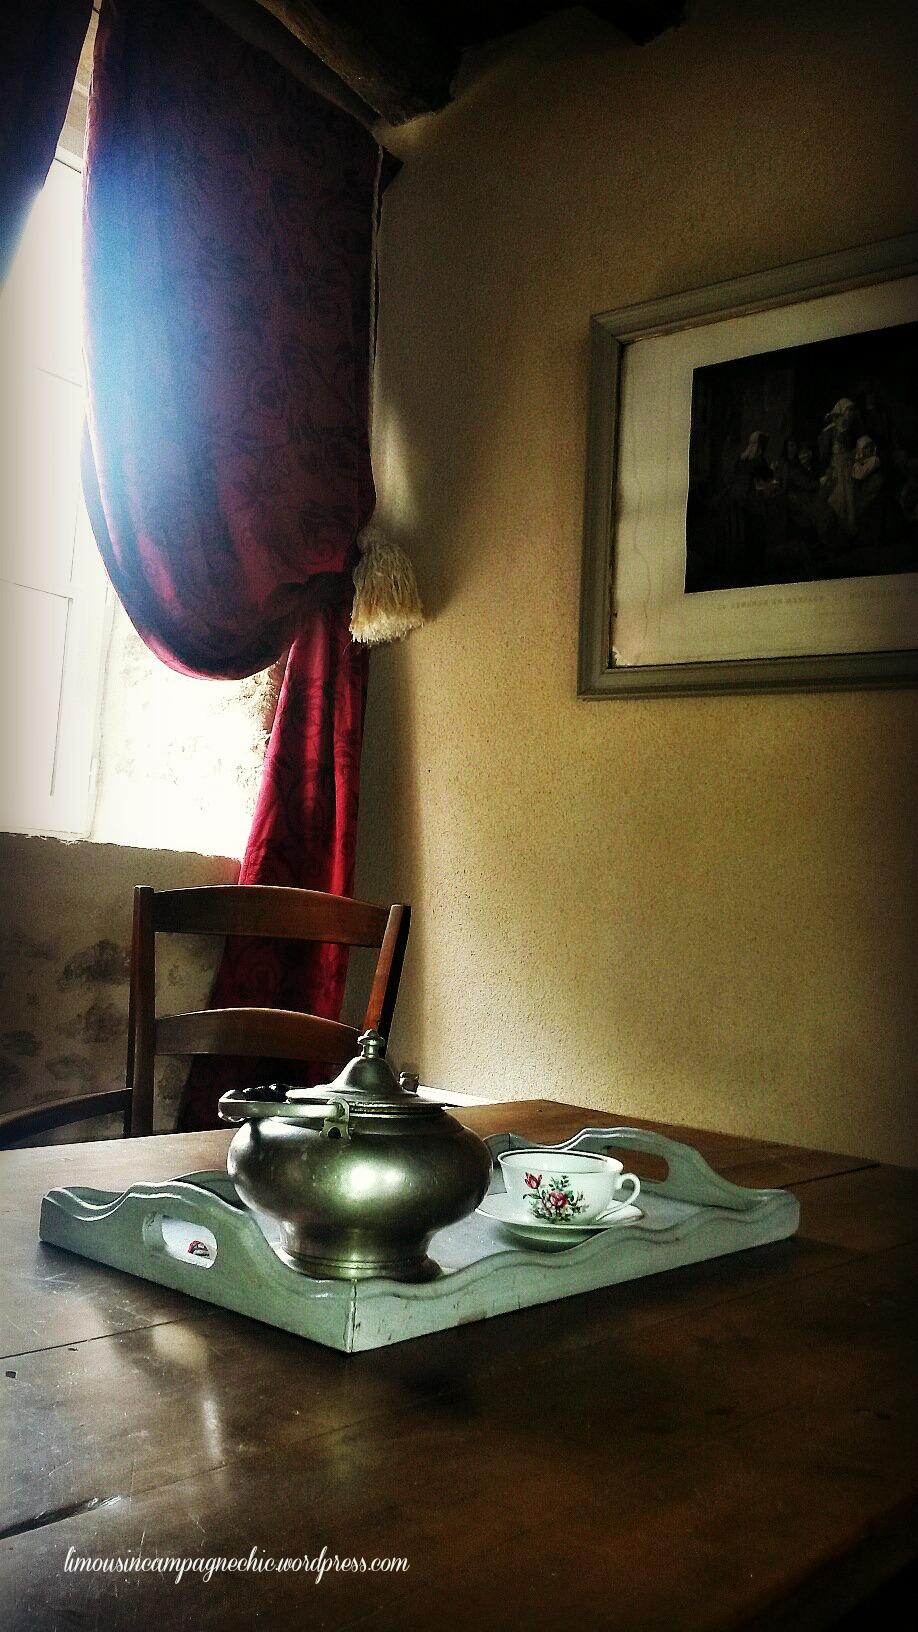 Prenons un thé - Let's take a tea